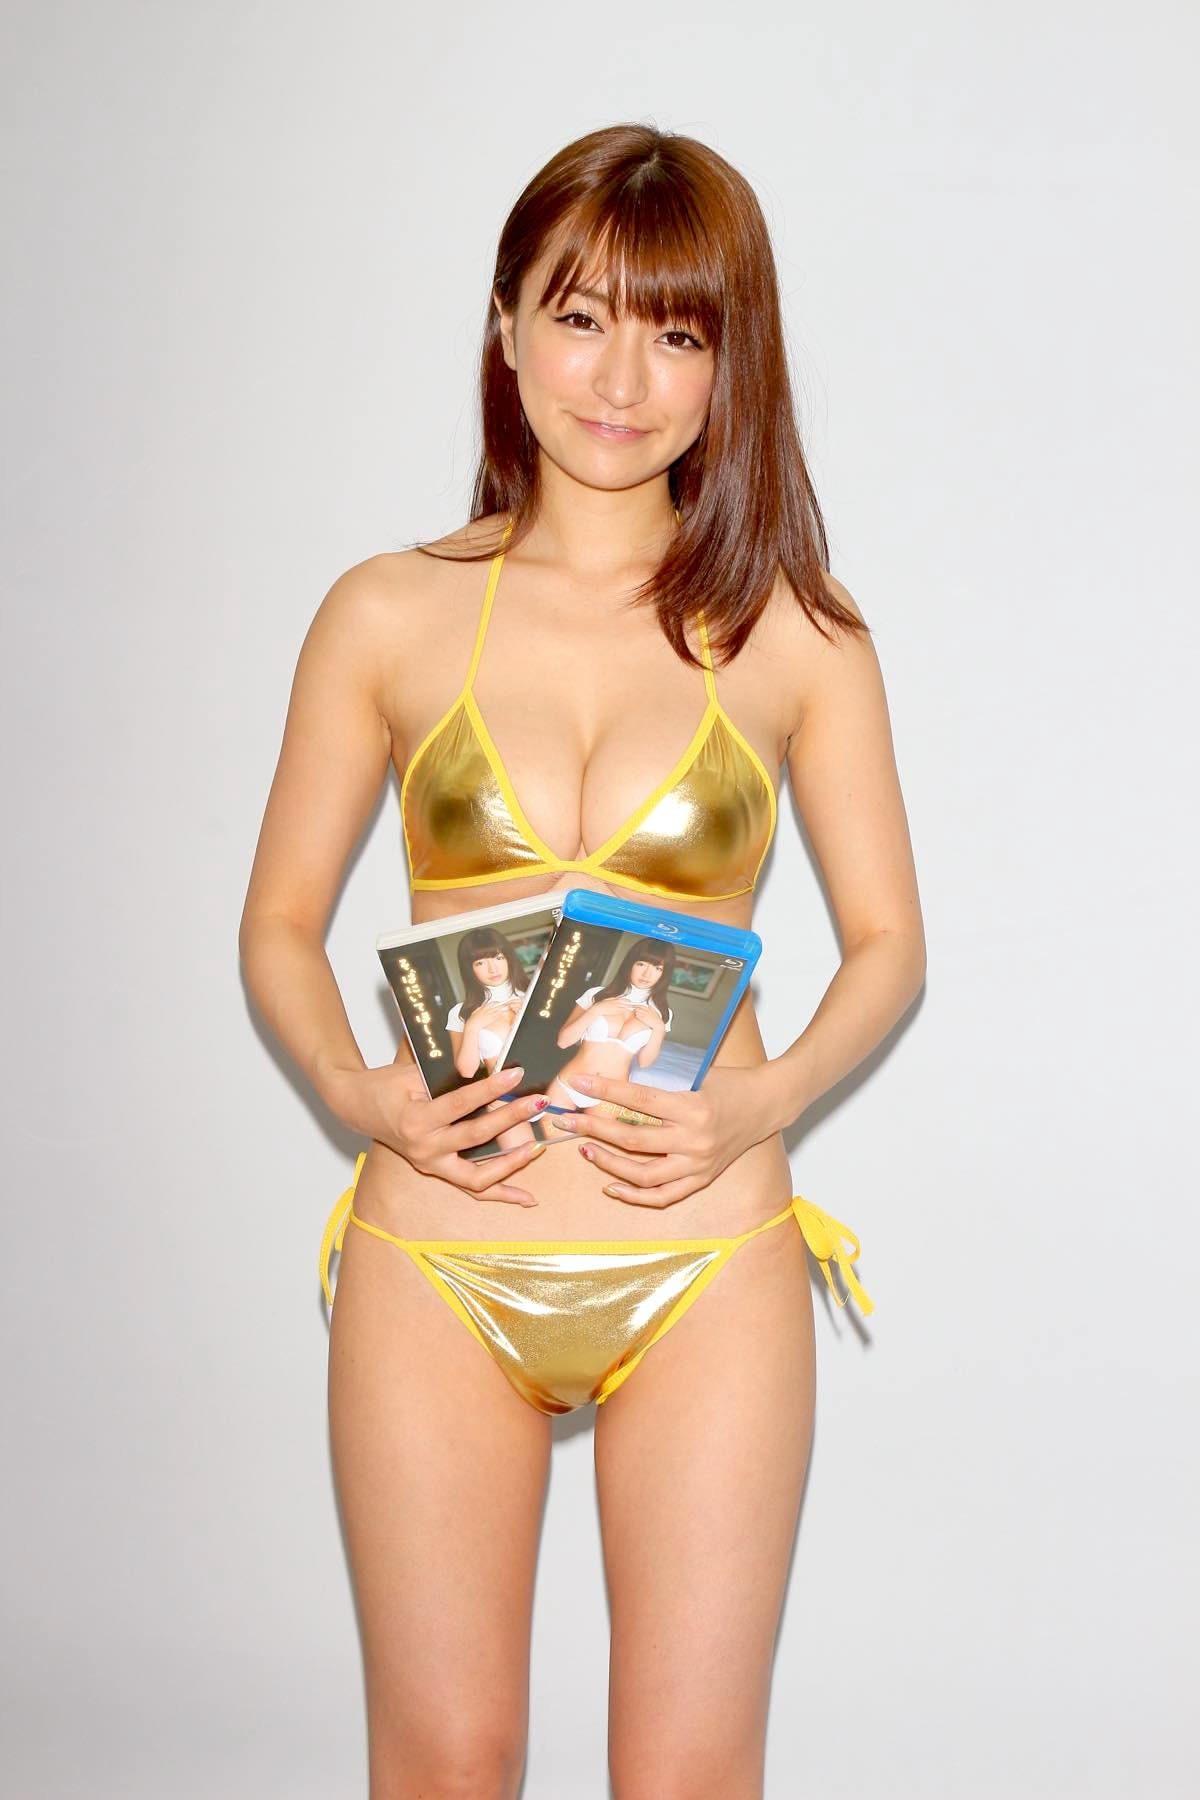 ☆HOSHINO「色気がダダ漏れ」衝撃的セクシーさで攻める!【写真25枚】の画像020